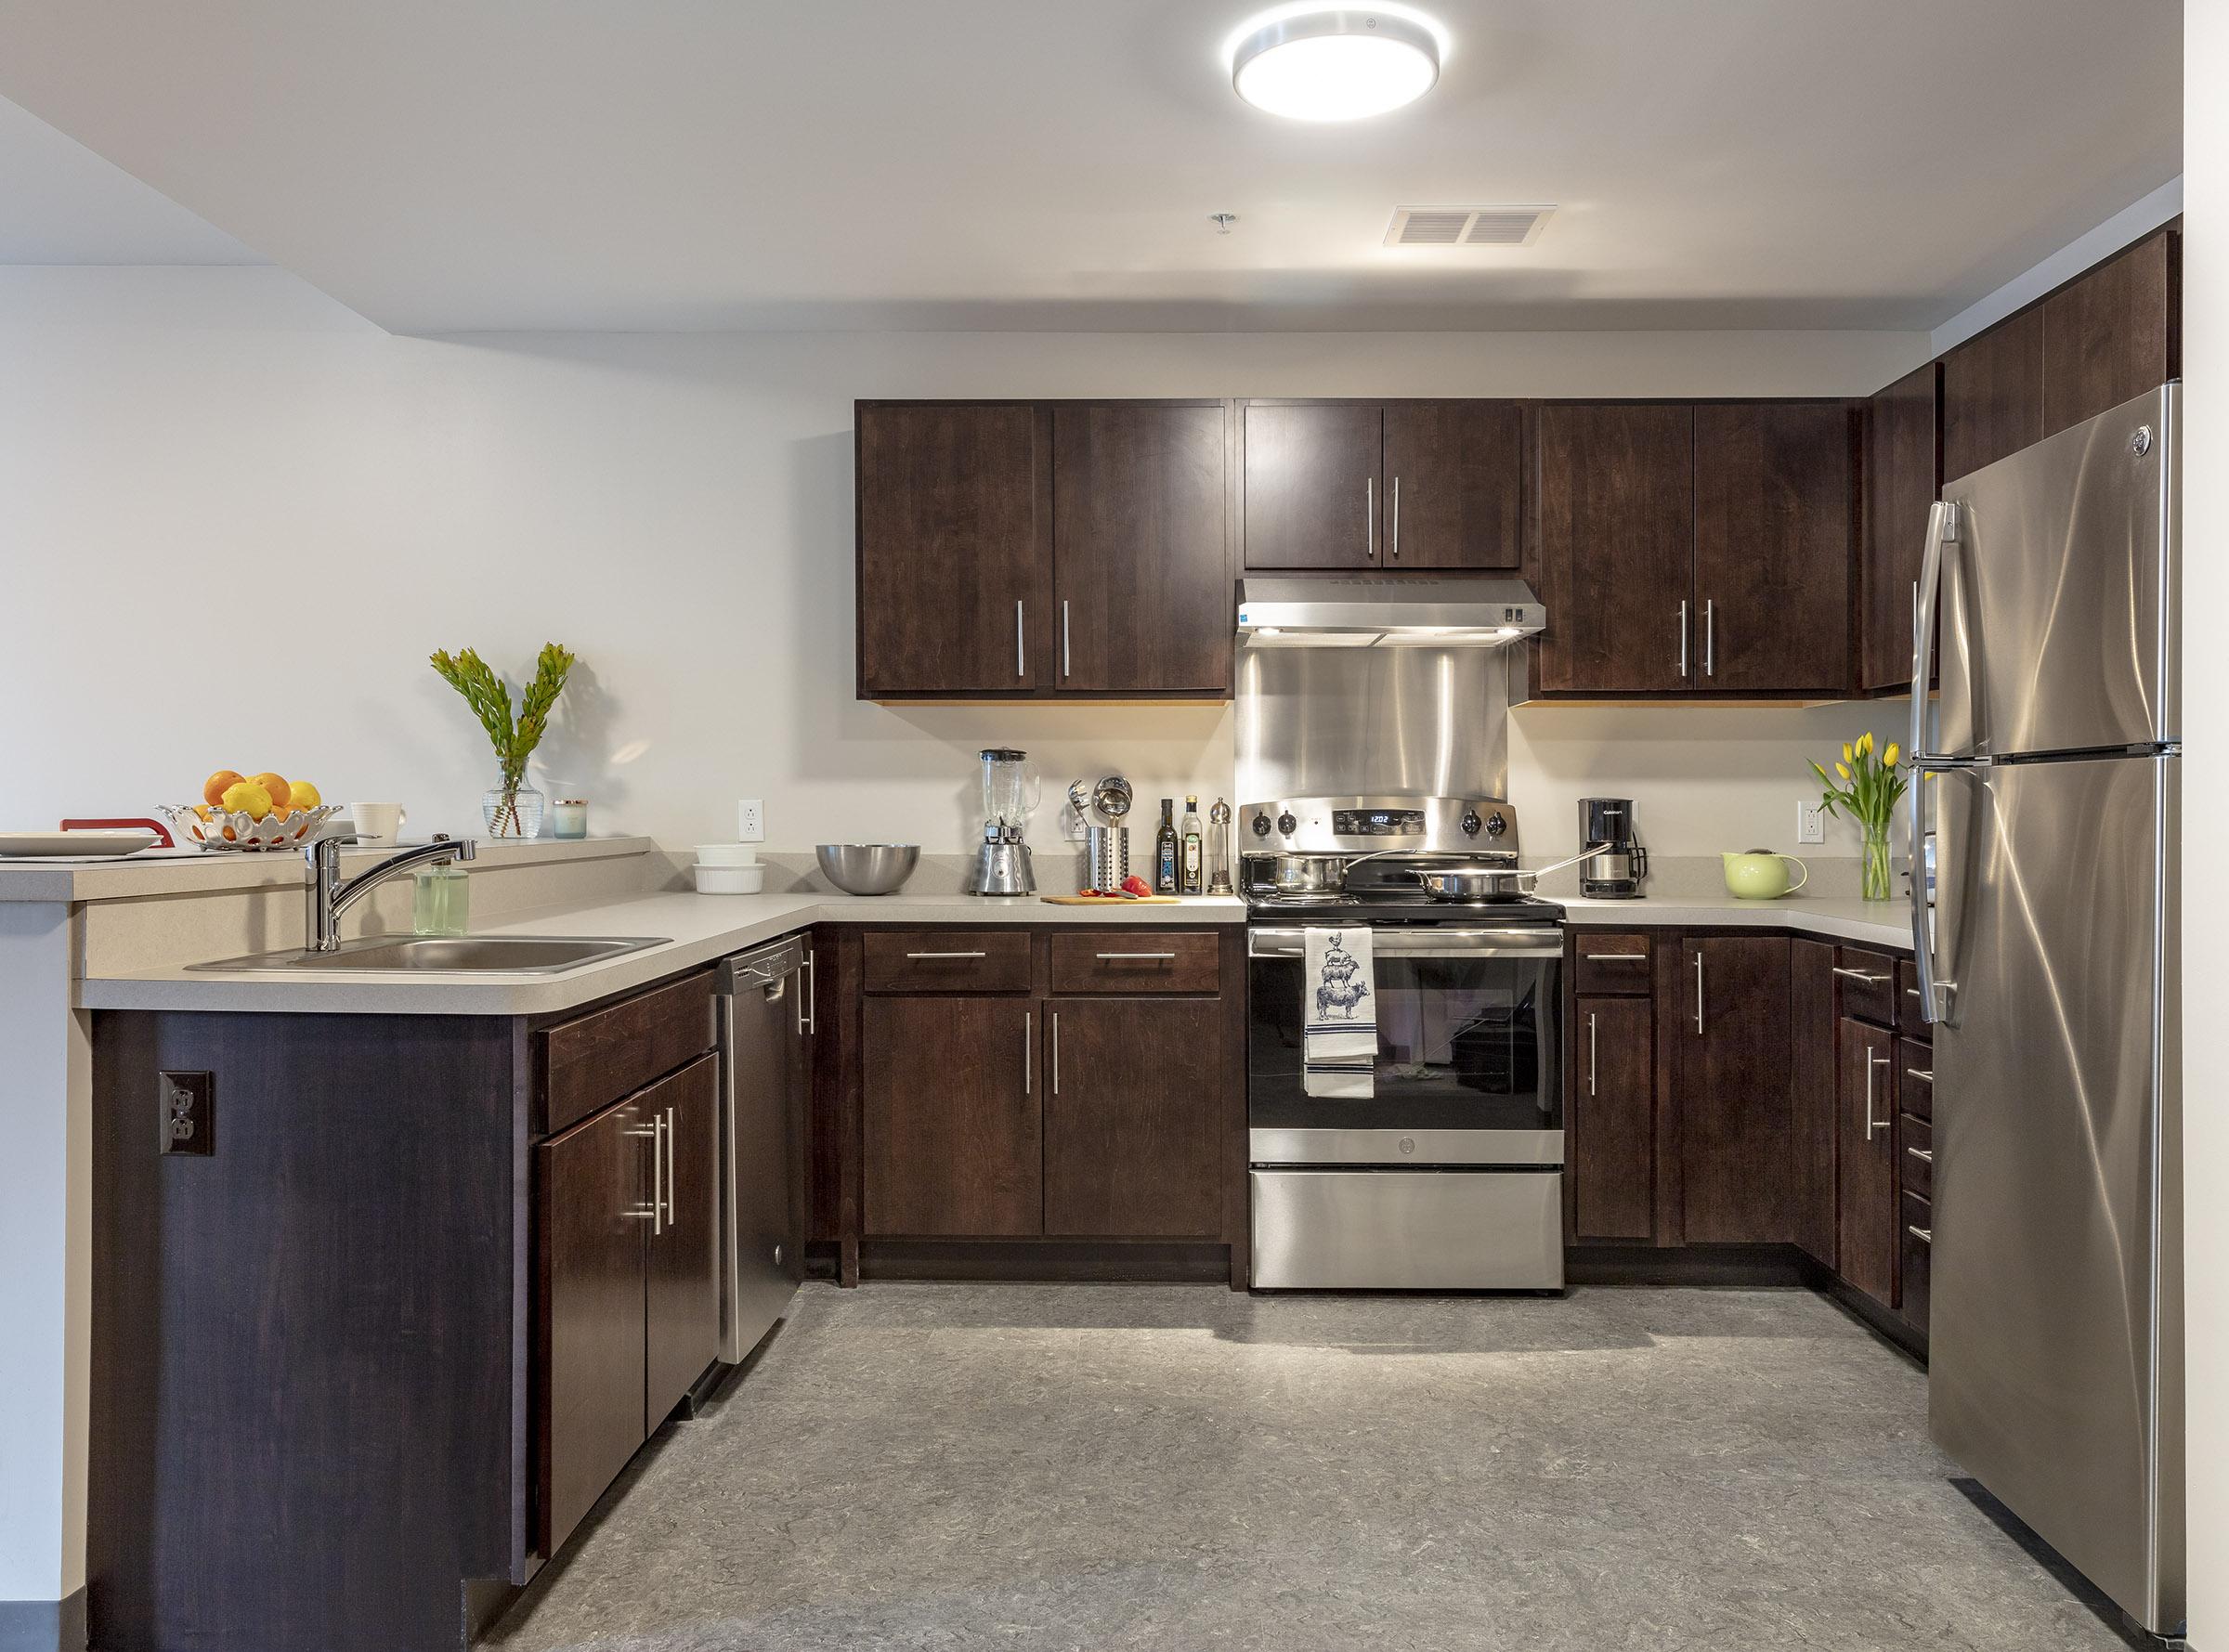 Kitchen-Liz-1750-lowres.jpg